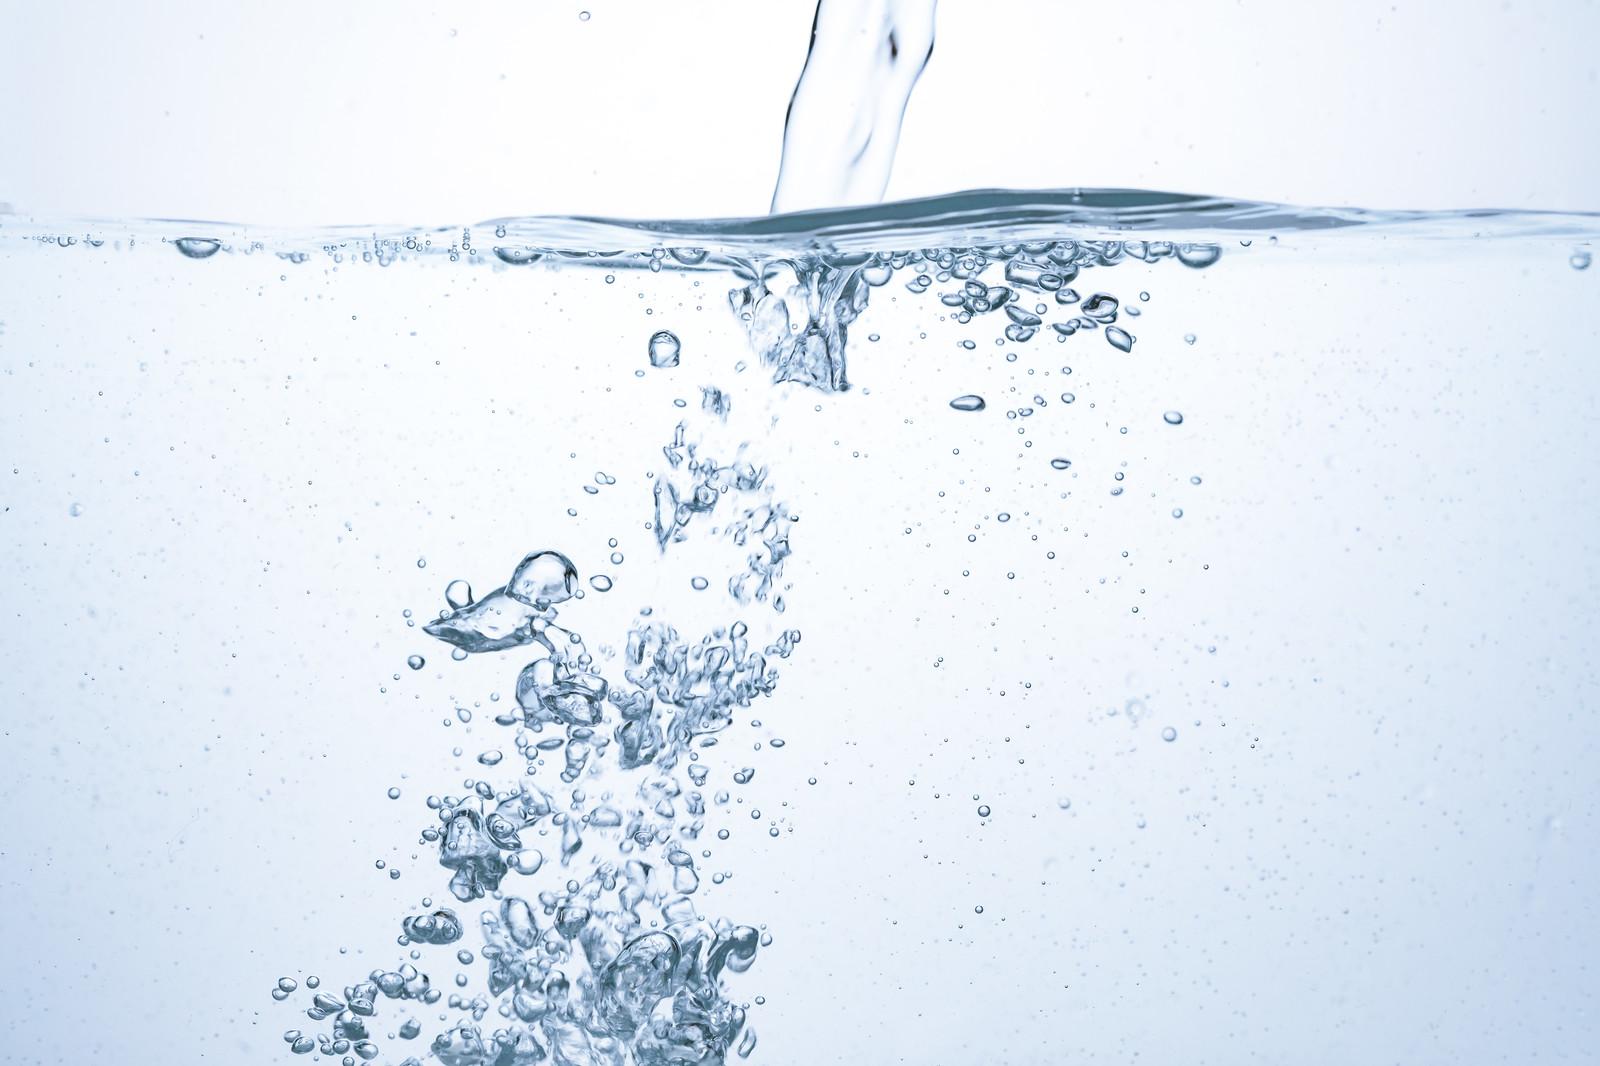 水は健康に良いけどどう飲めば?ミネラルウォーターや水道水を美味しく飲むコツ!